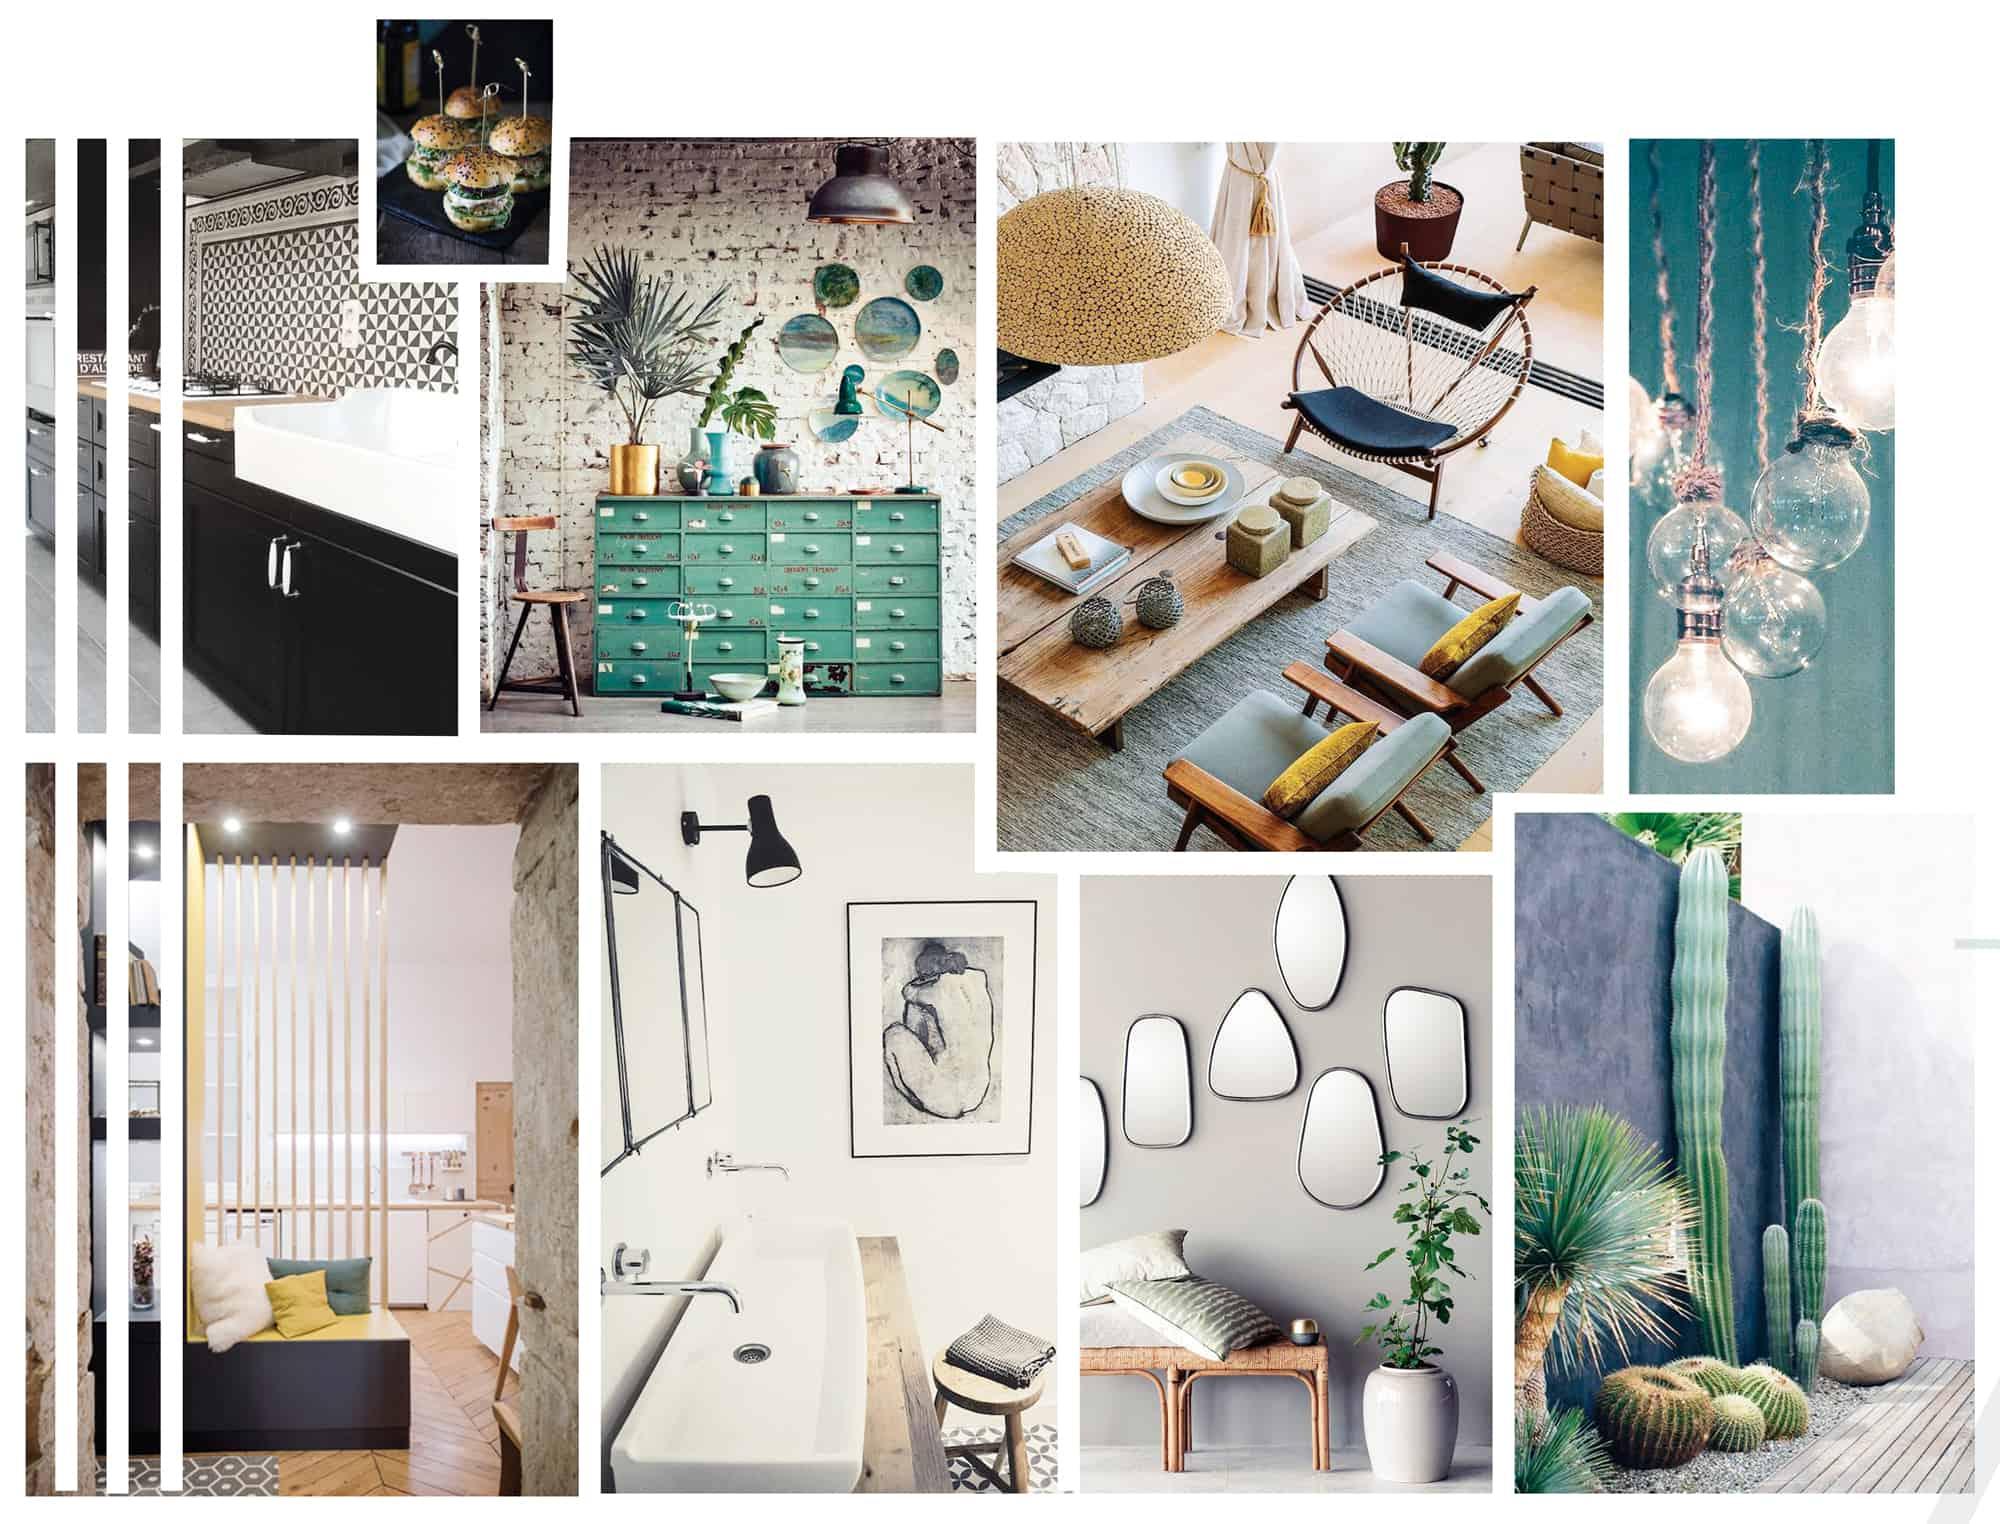 Decoration Interieur Appartement Vintage les planches tendances, matériaux, couleurs - picture design